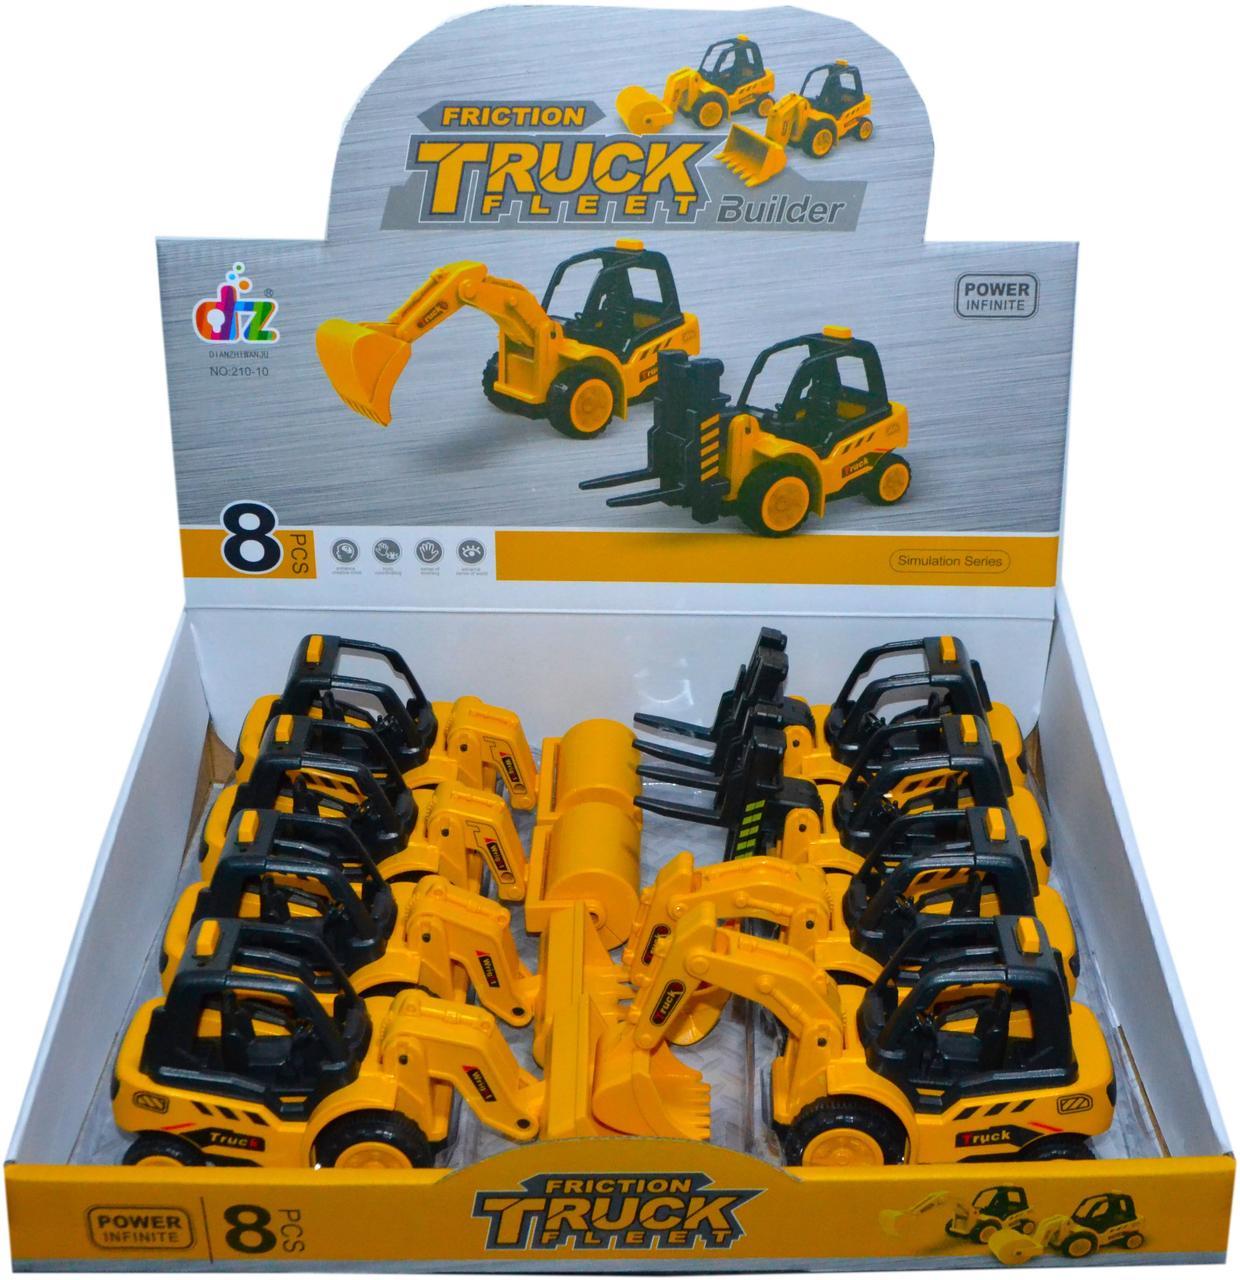 210-10 Строительная техника Truck Fleet Builder 4 вида из 8 штук цена за 1шт 17*10